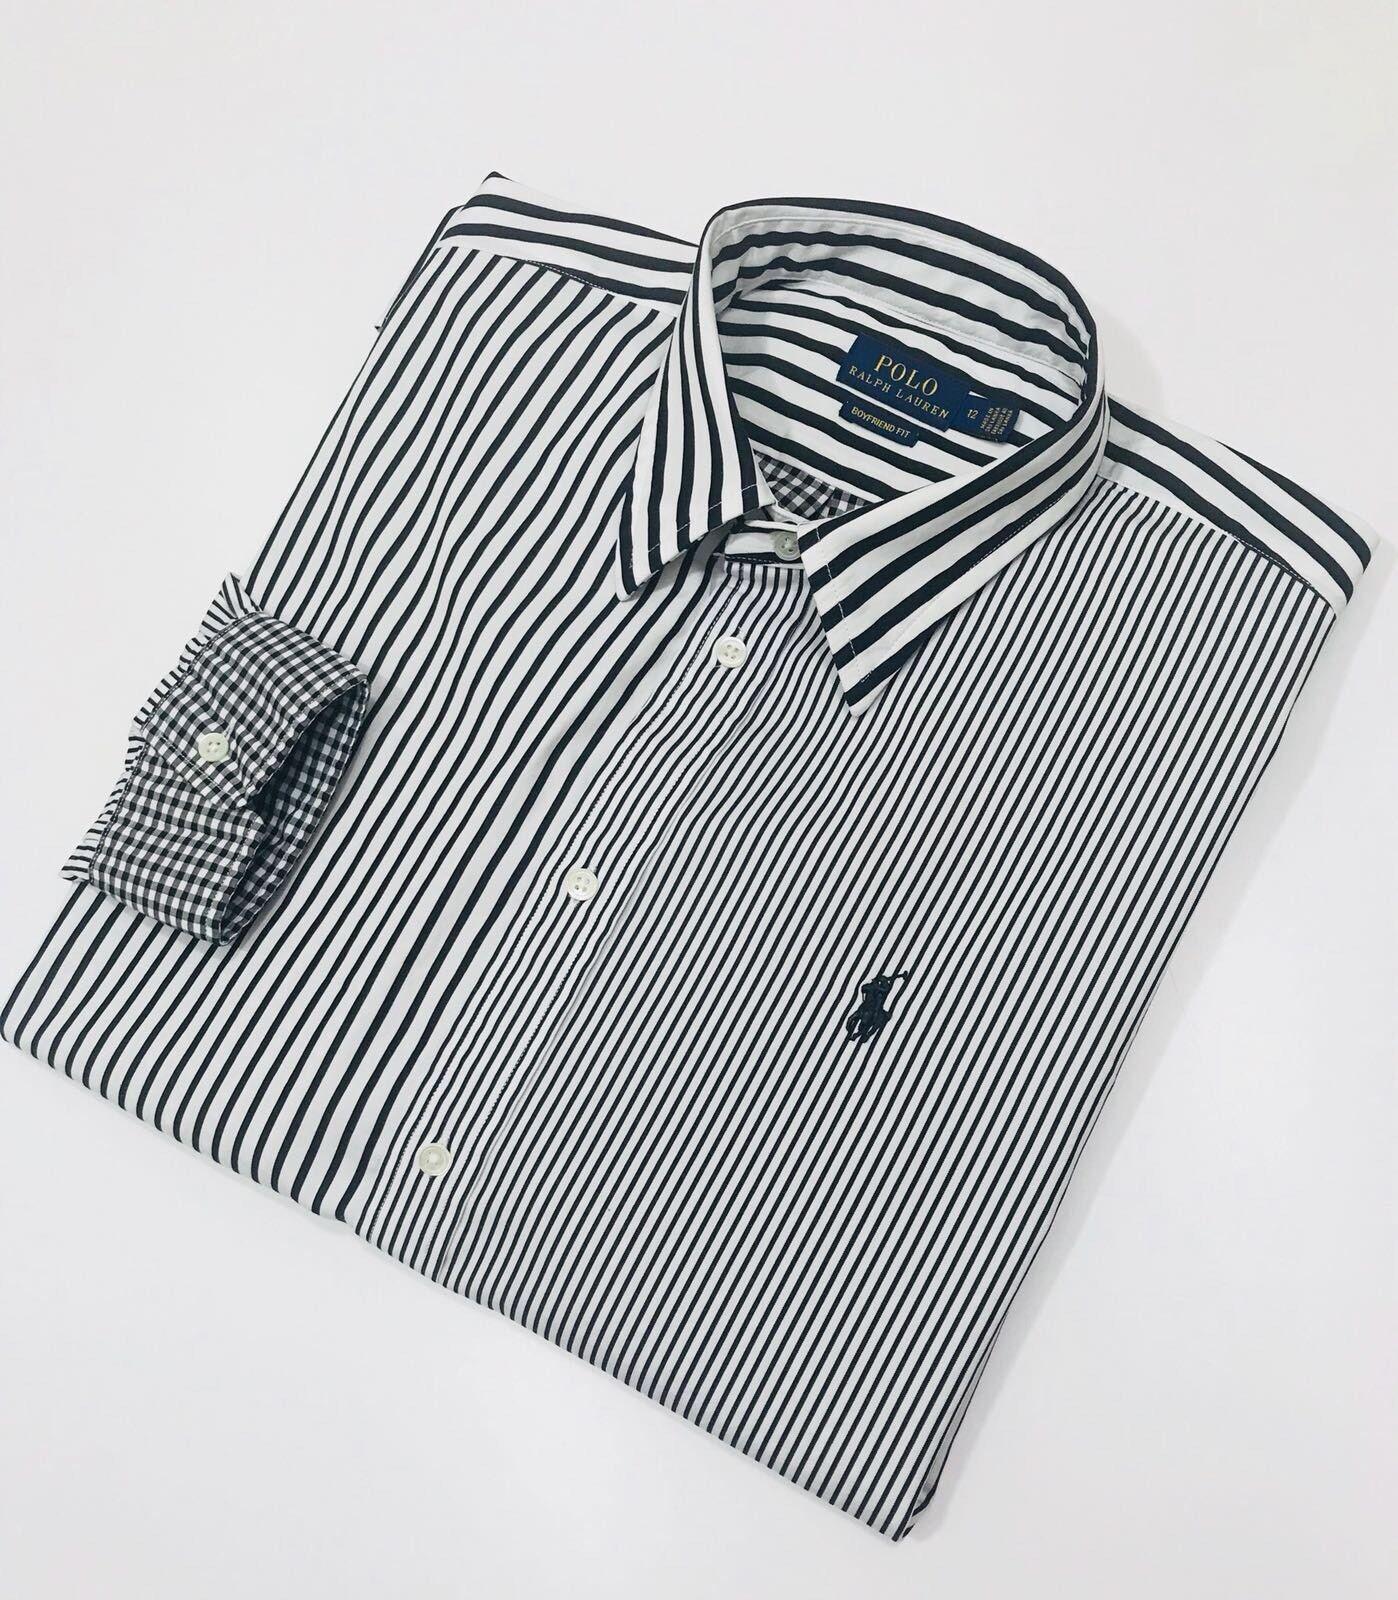 Ralph Lauren a righe Cotone Cotone Cotone Boyfriend camicia (Taglia 12) RRP 2526ed